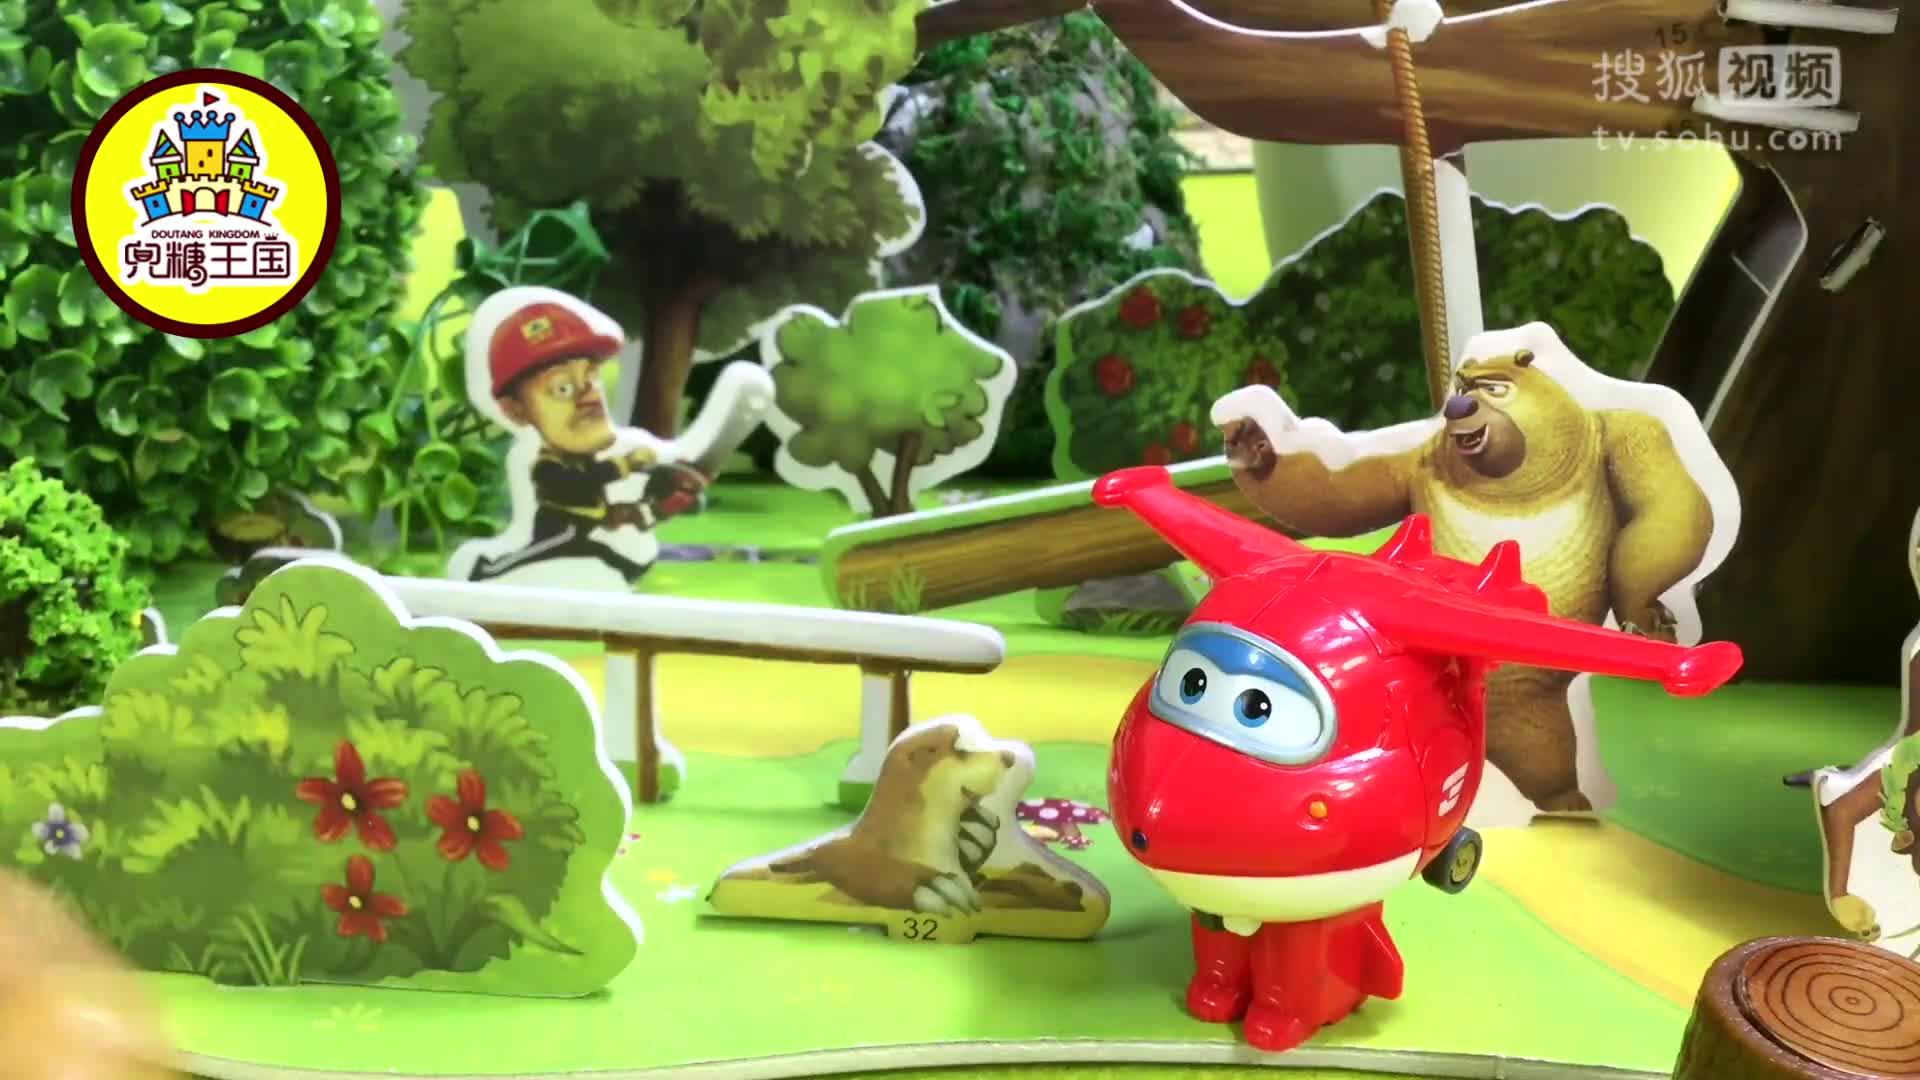 乐迪的包裹掉森林里了 吉吉国王和熊大熊二帮超级飞侠乐迪找包裹